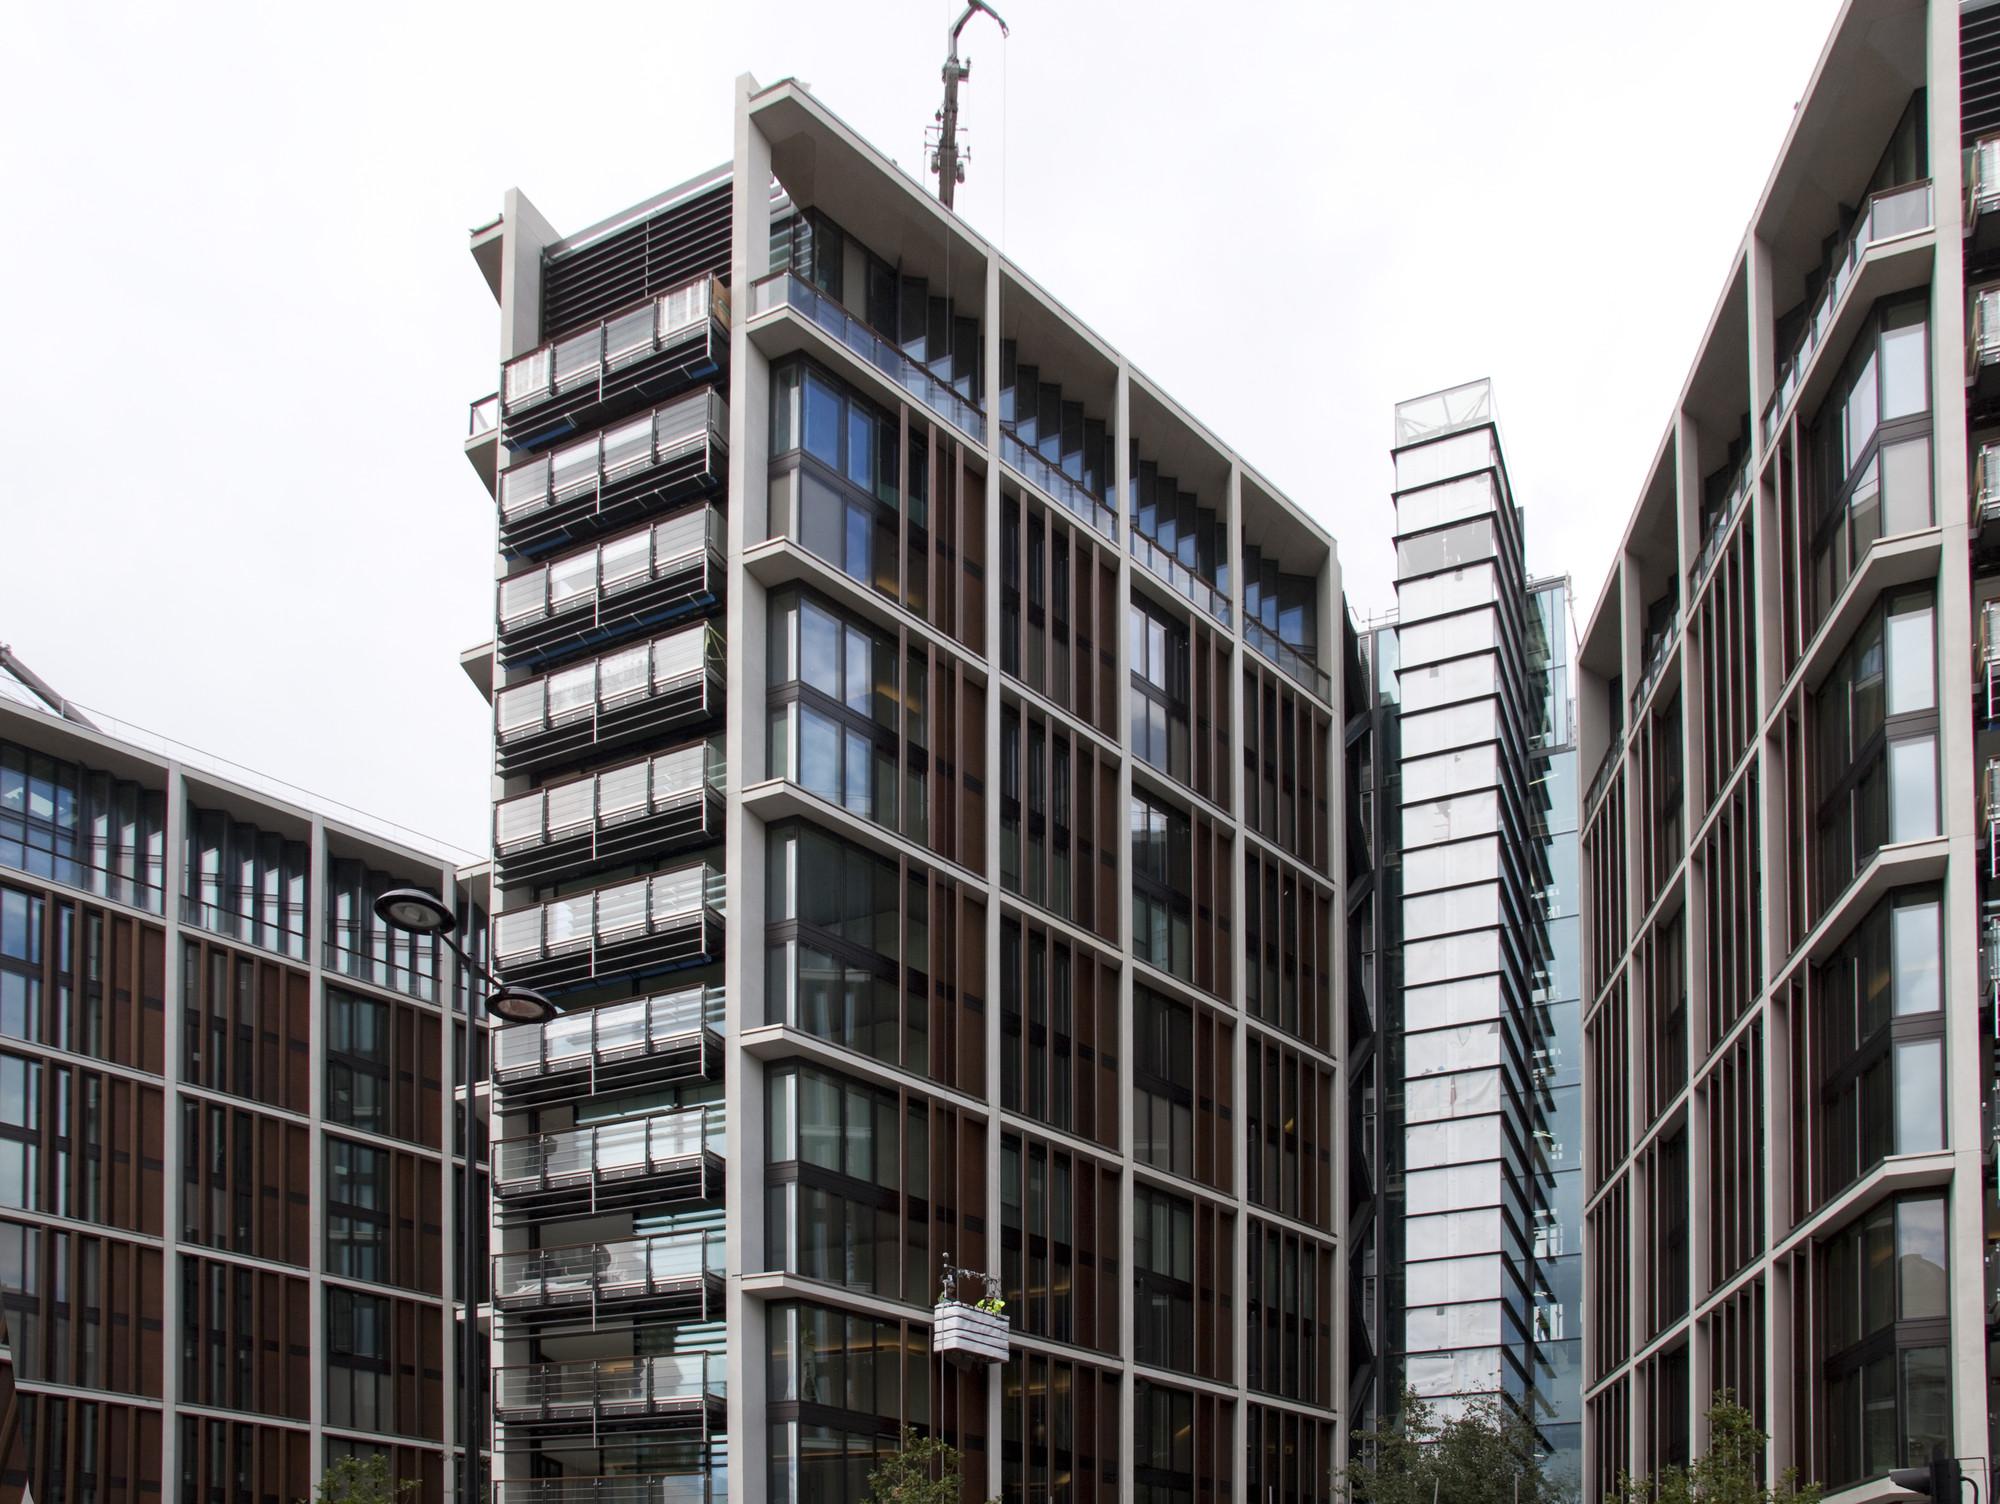 Vendido en Londres el departamento más caro del mundo, Vista de One Hyde Park en Londres. Image © Tony Hisgett [Wikipedia]